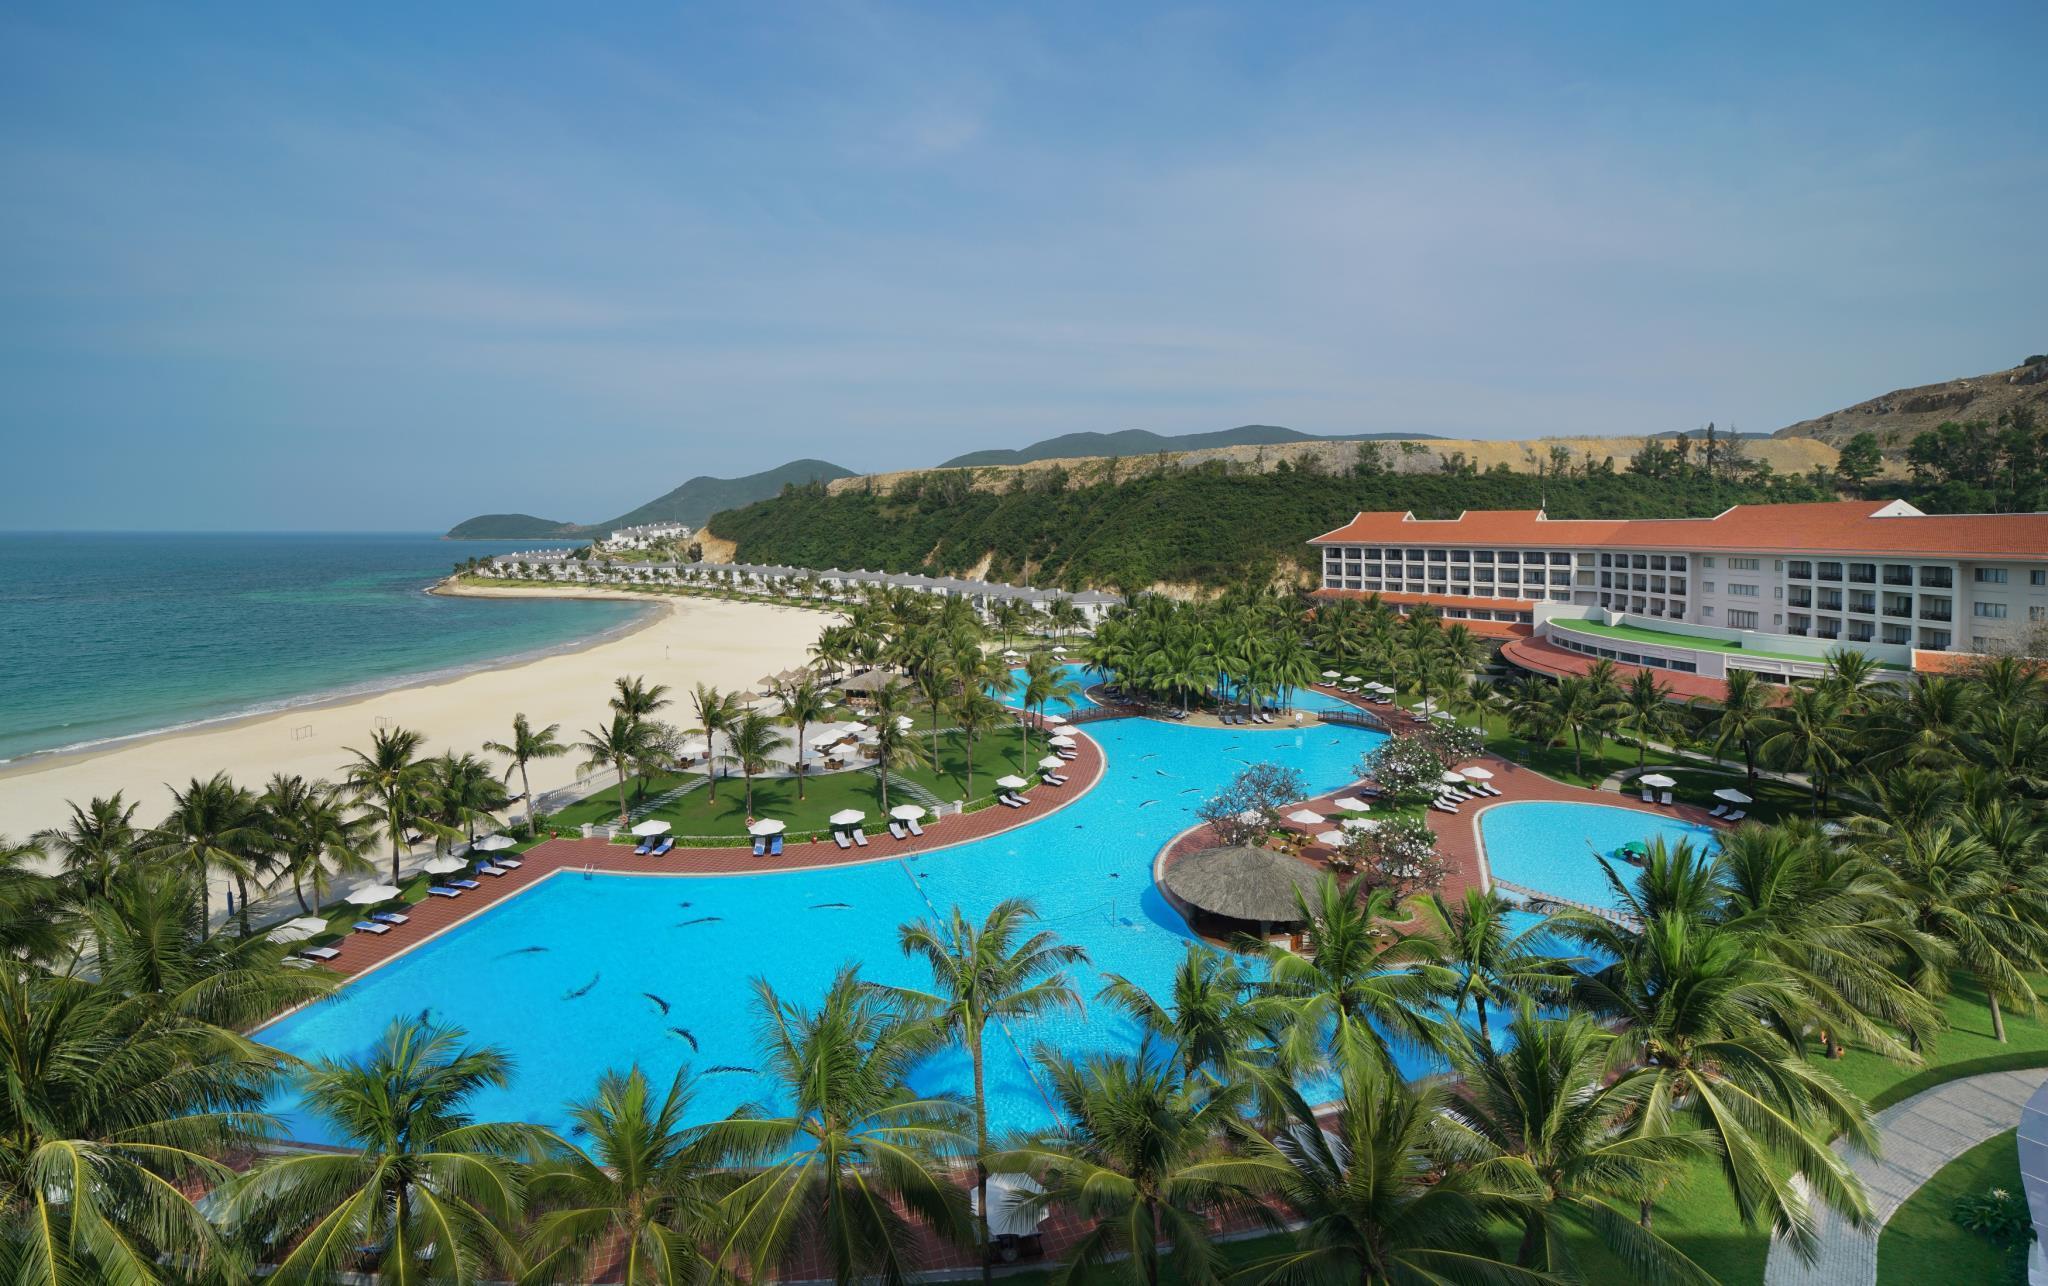 芽莊芽莊珍珠度假酒店 (Vinpearl Resort Nha Trang) - Agoda 提供行程前一刻網上即時優惠價格訂房服務